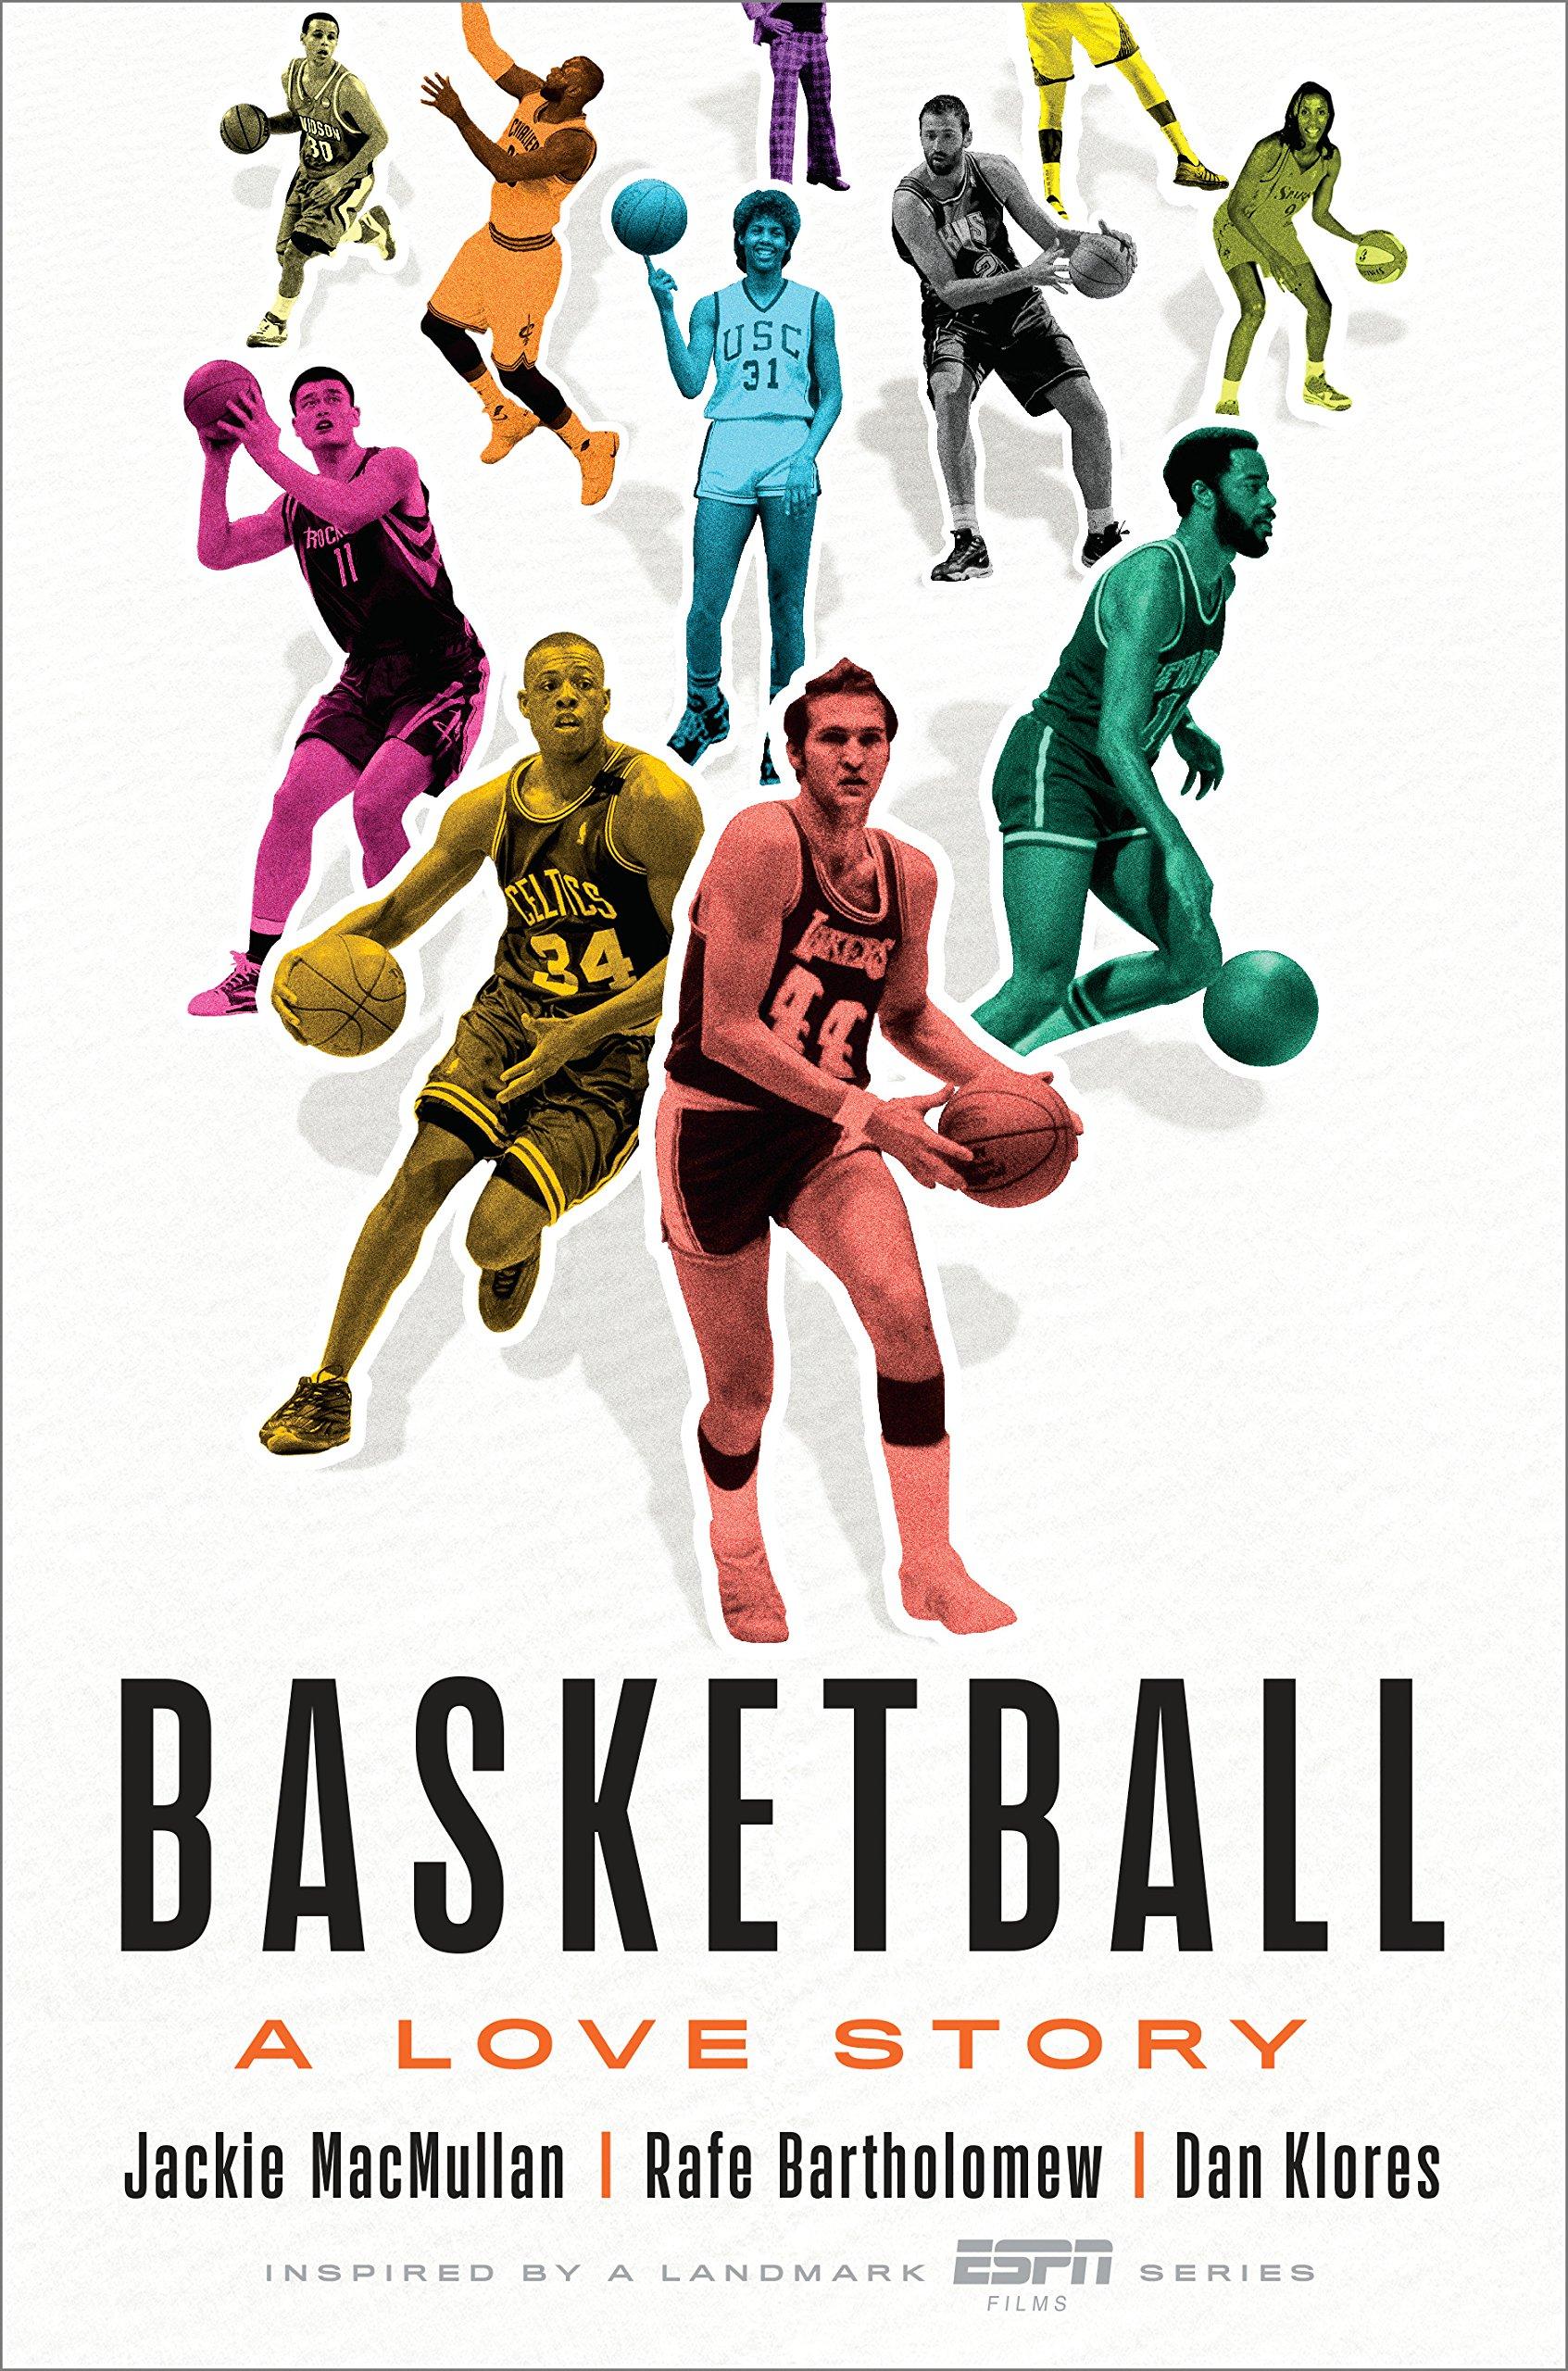 basketballcover.jpg